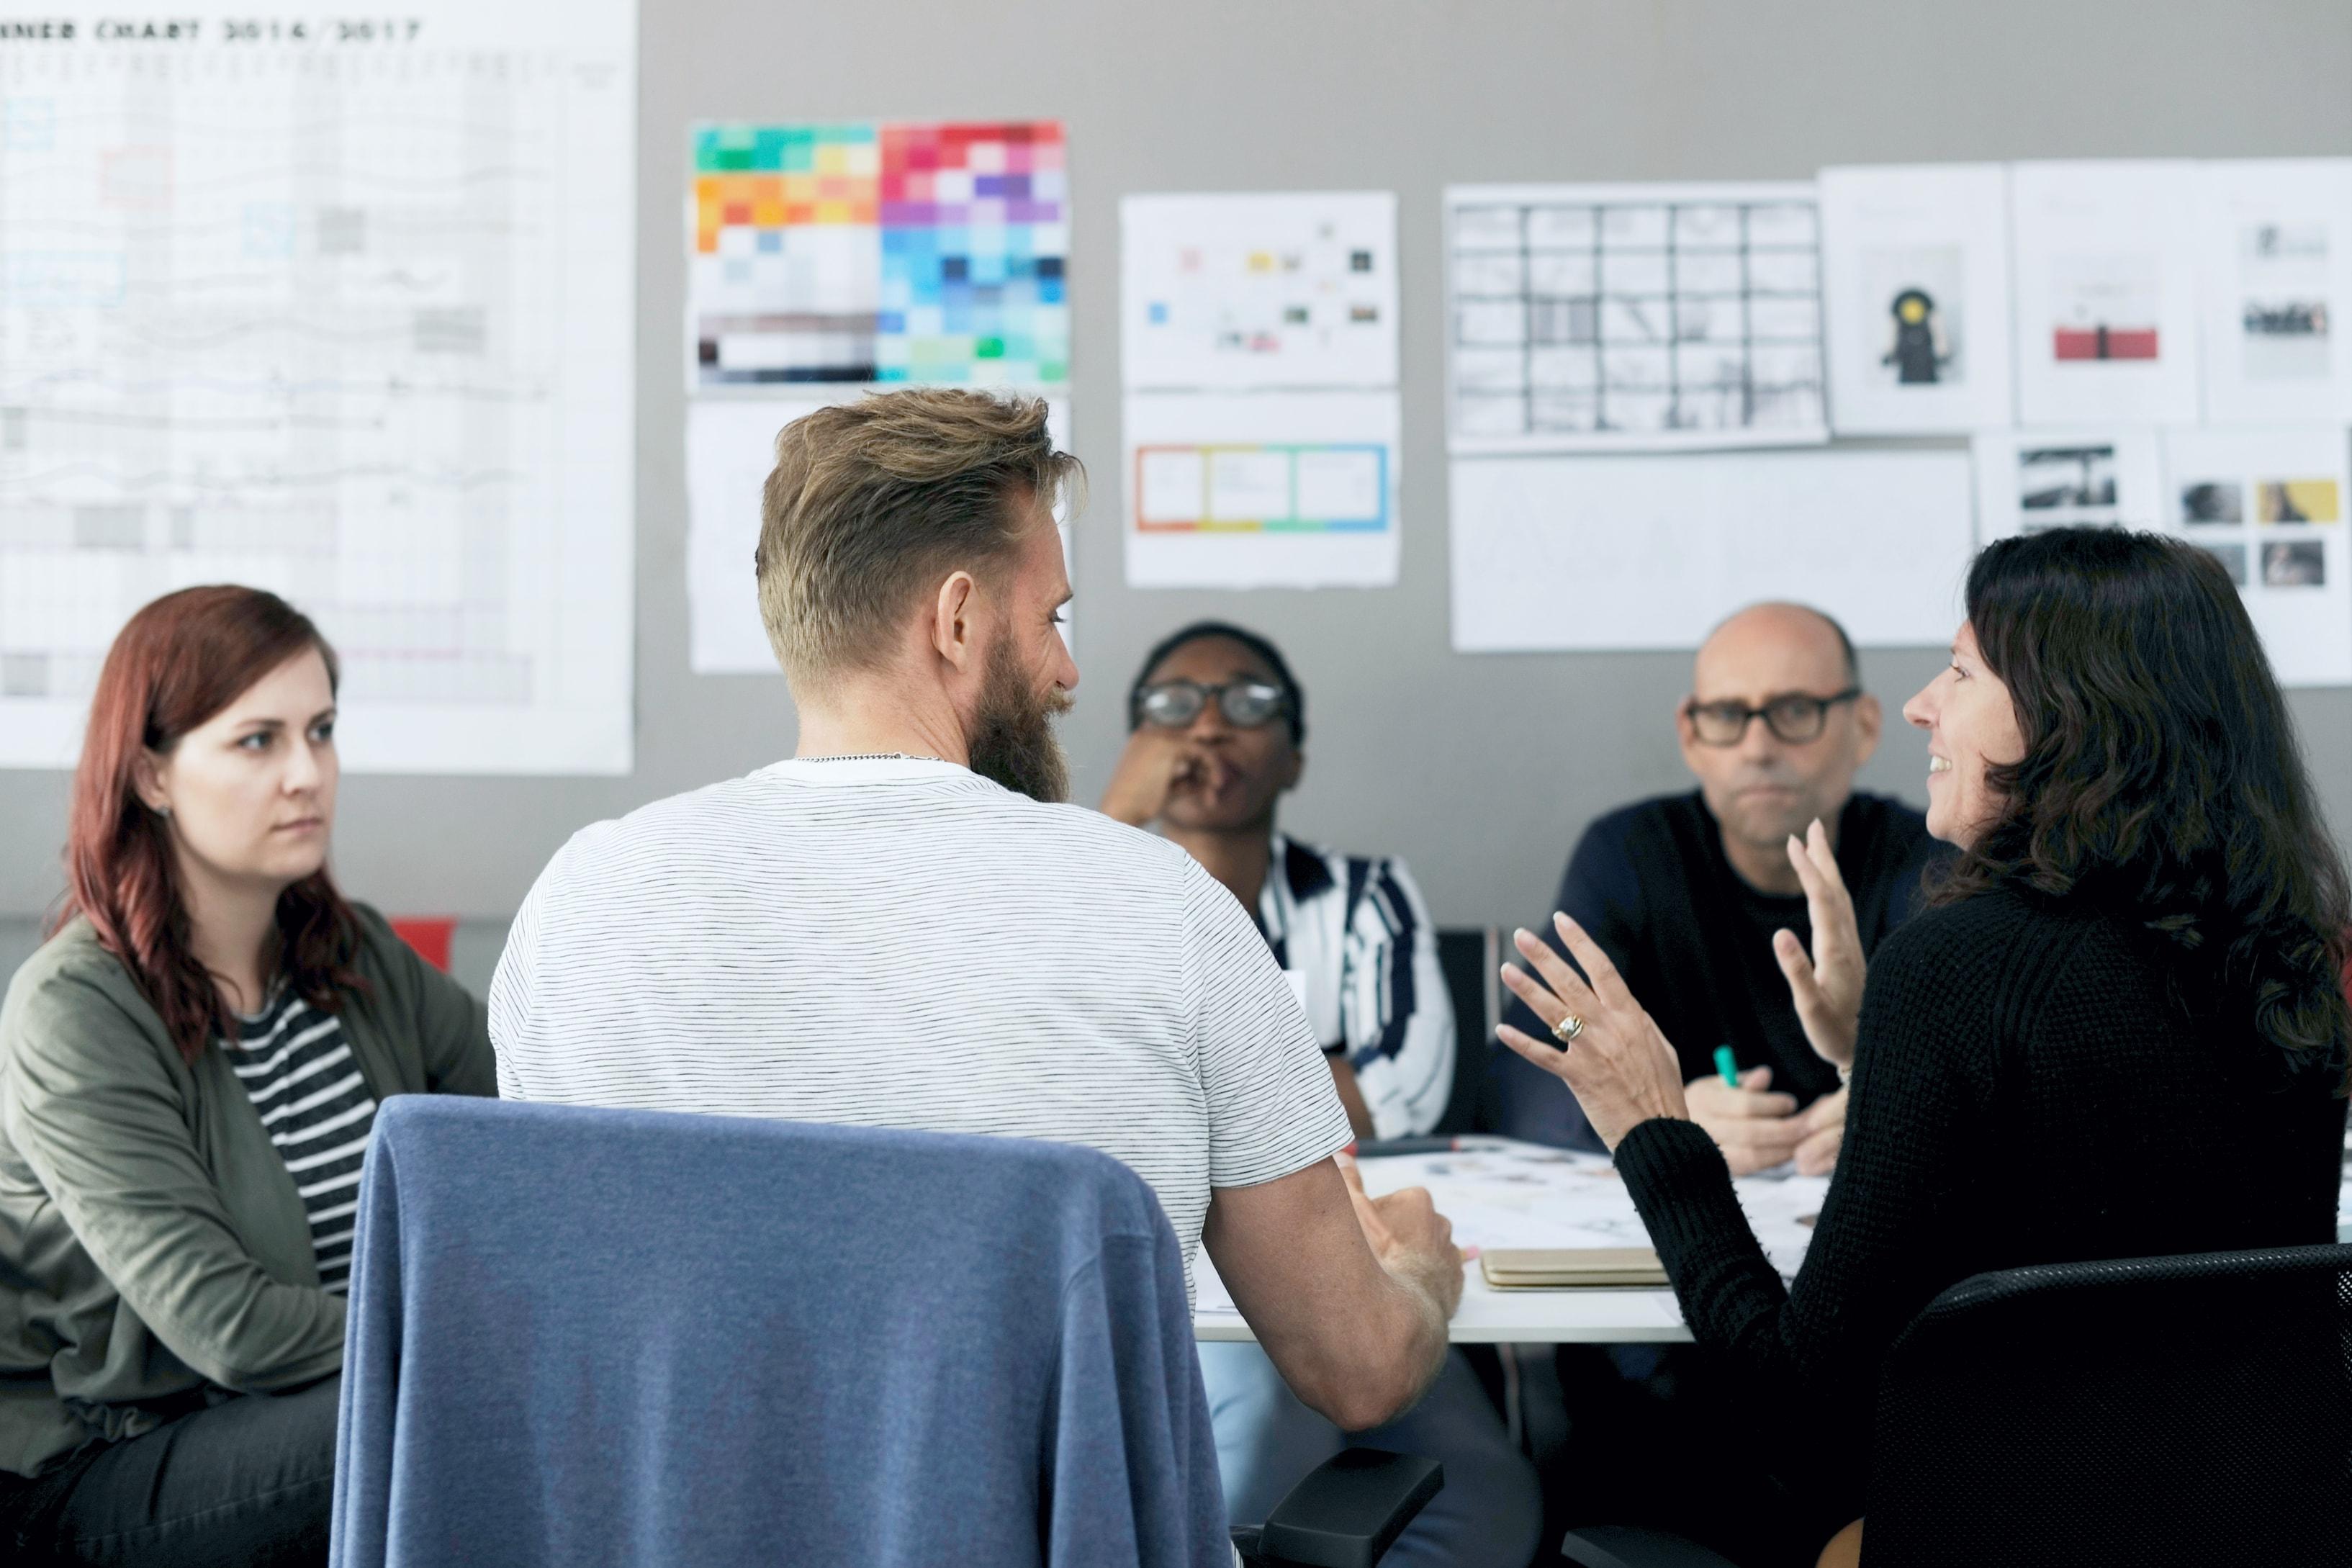 Hitta investerare till affärsidé: 5 vanliga frågor